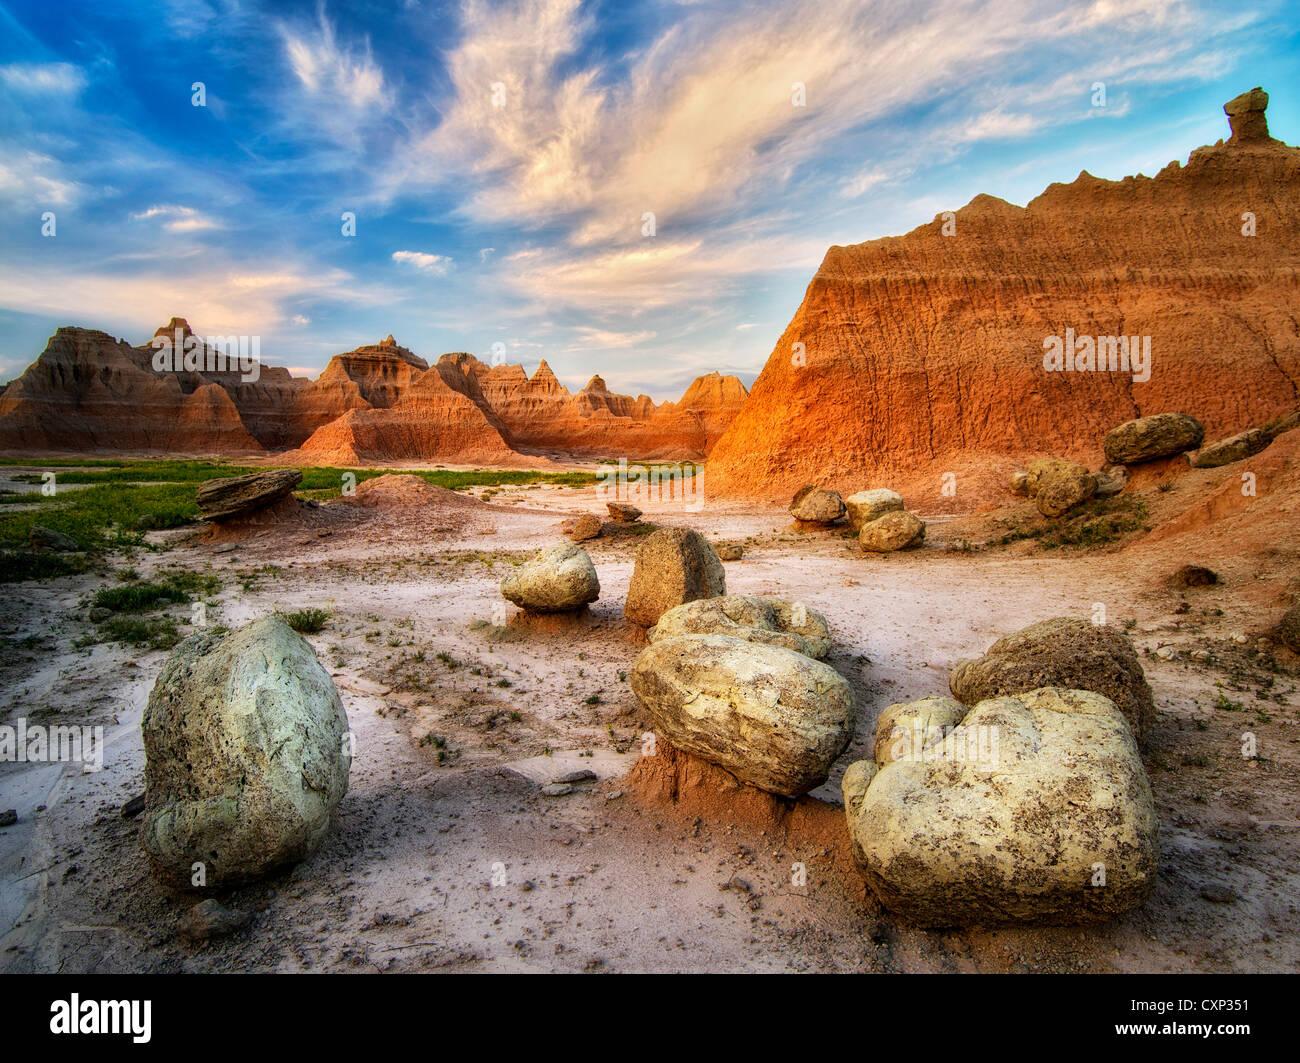 Large boulders and rock formations at sunrise. Badlands National Park, South Dakota. - Stock Image